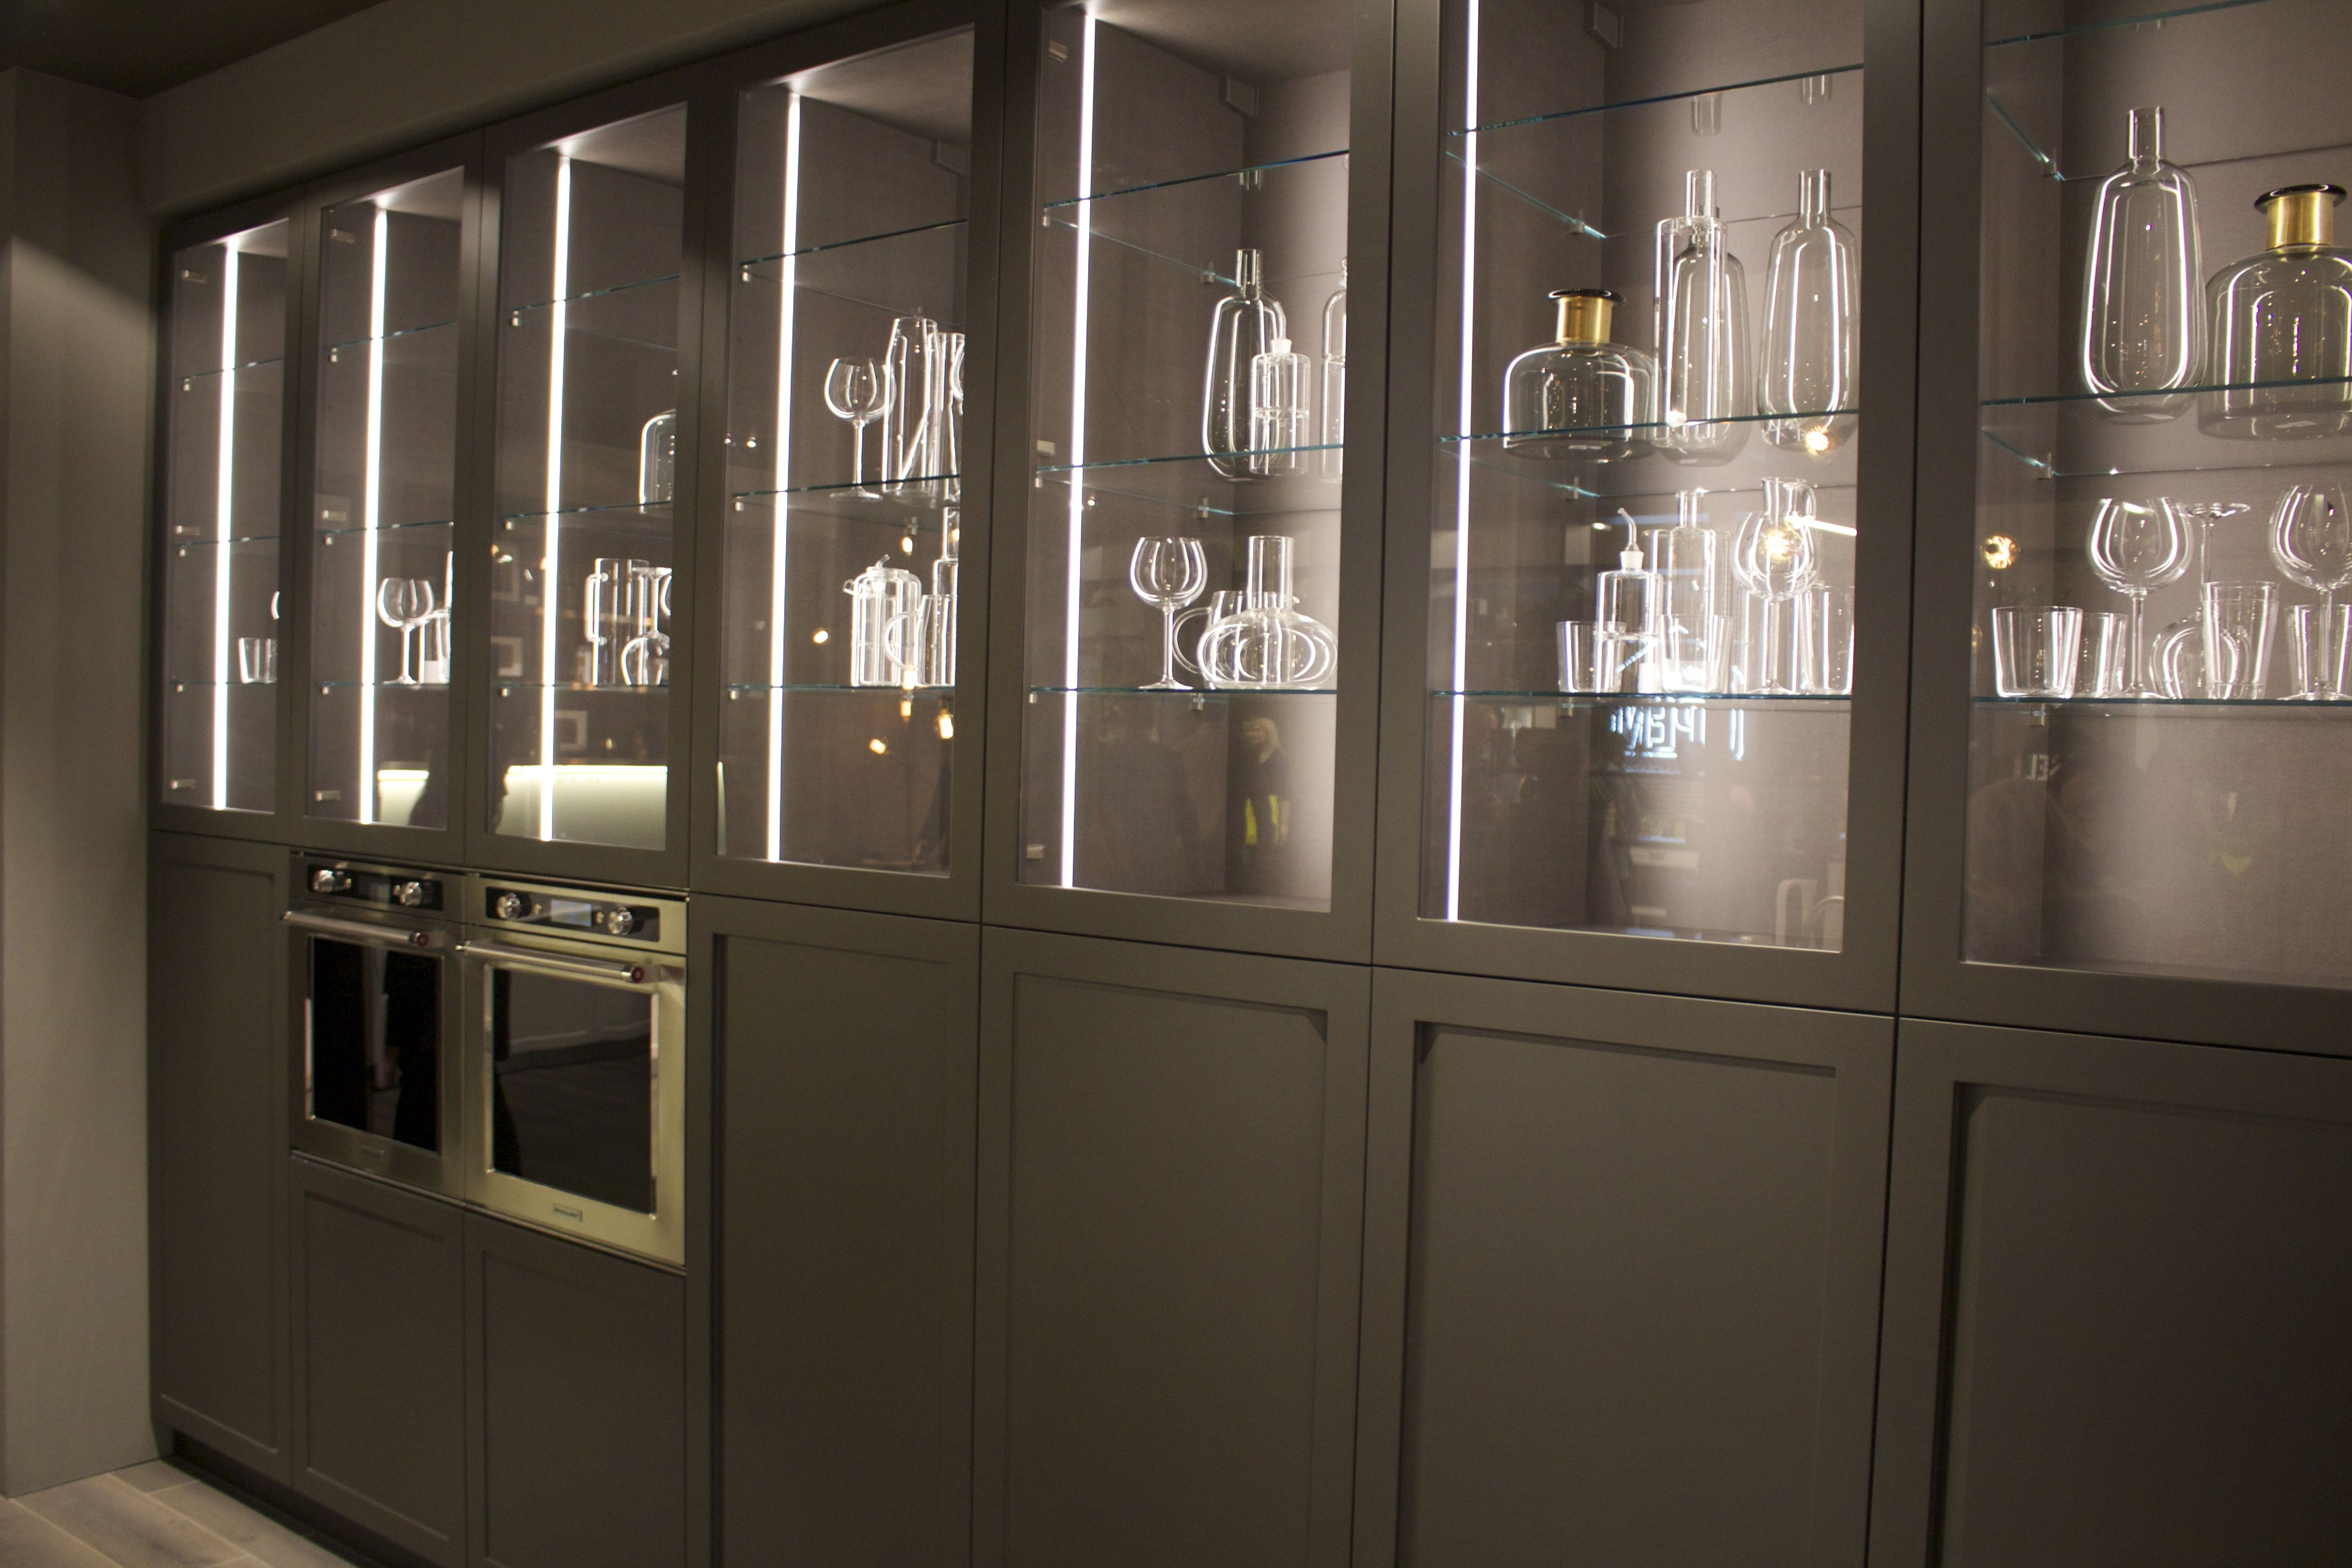 scavolini küche - vitrine | 0.05 küche/nebenküche | pinterest, Hause ideen